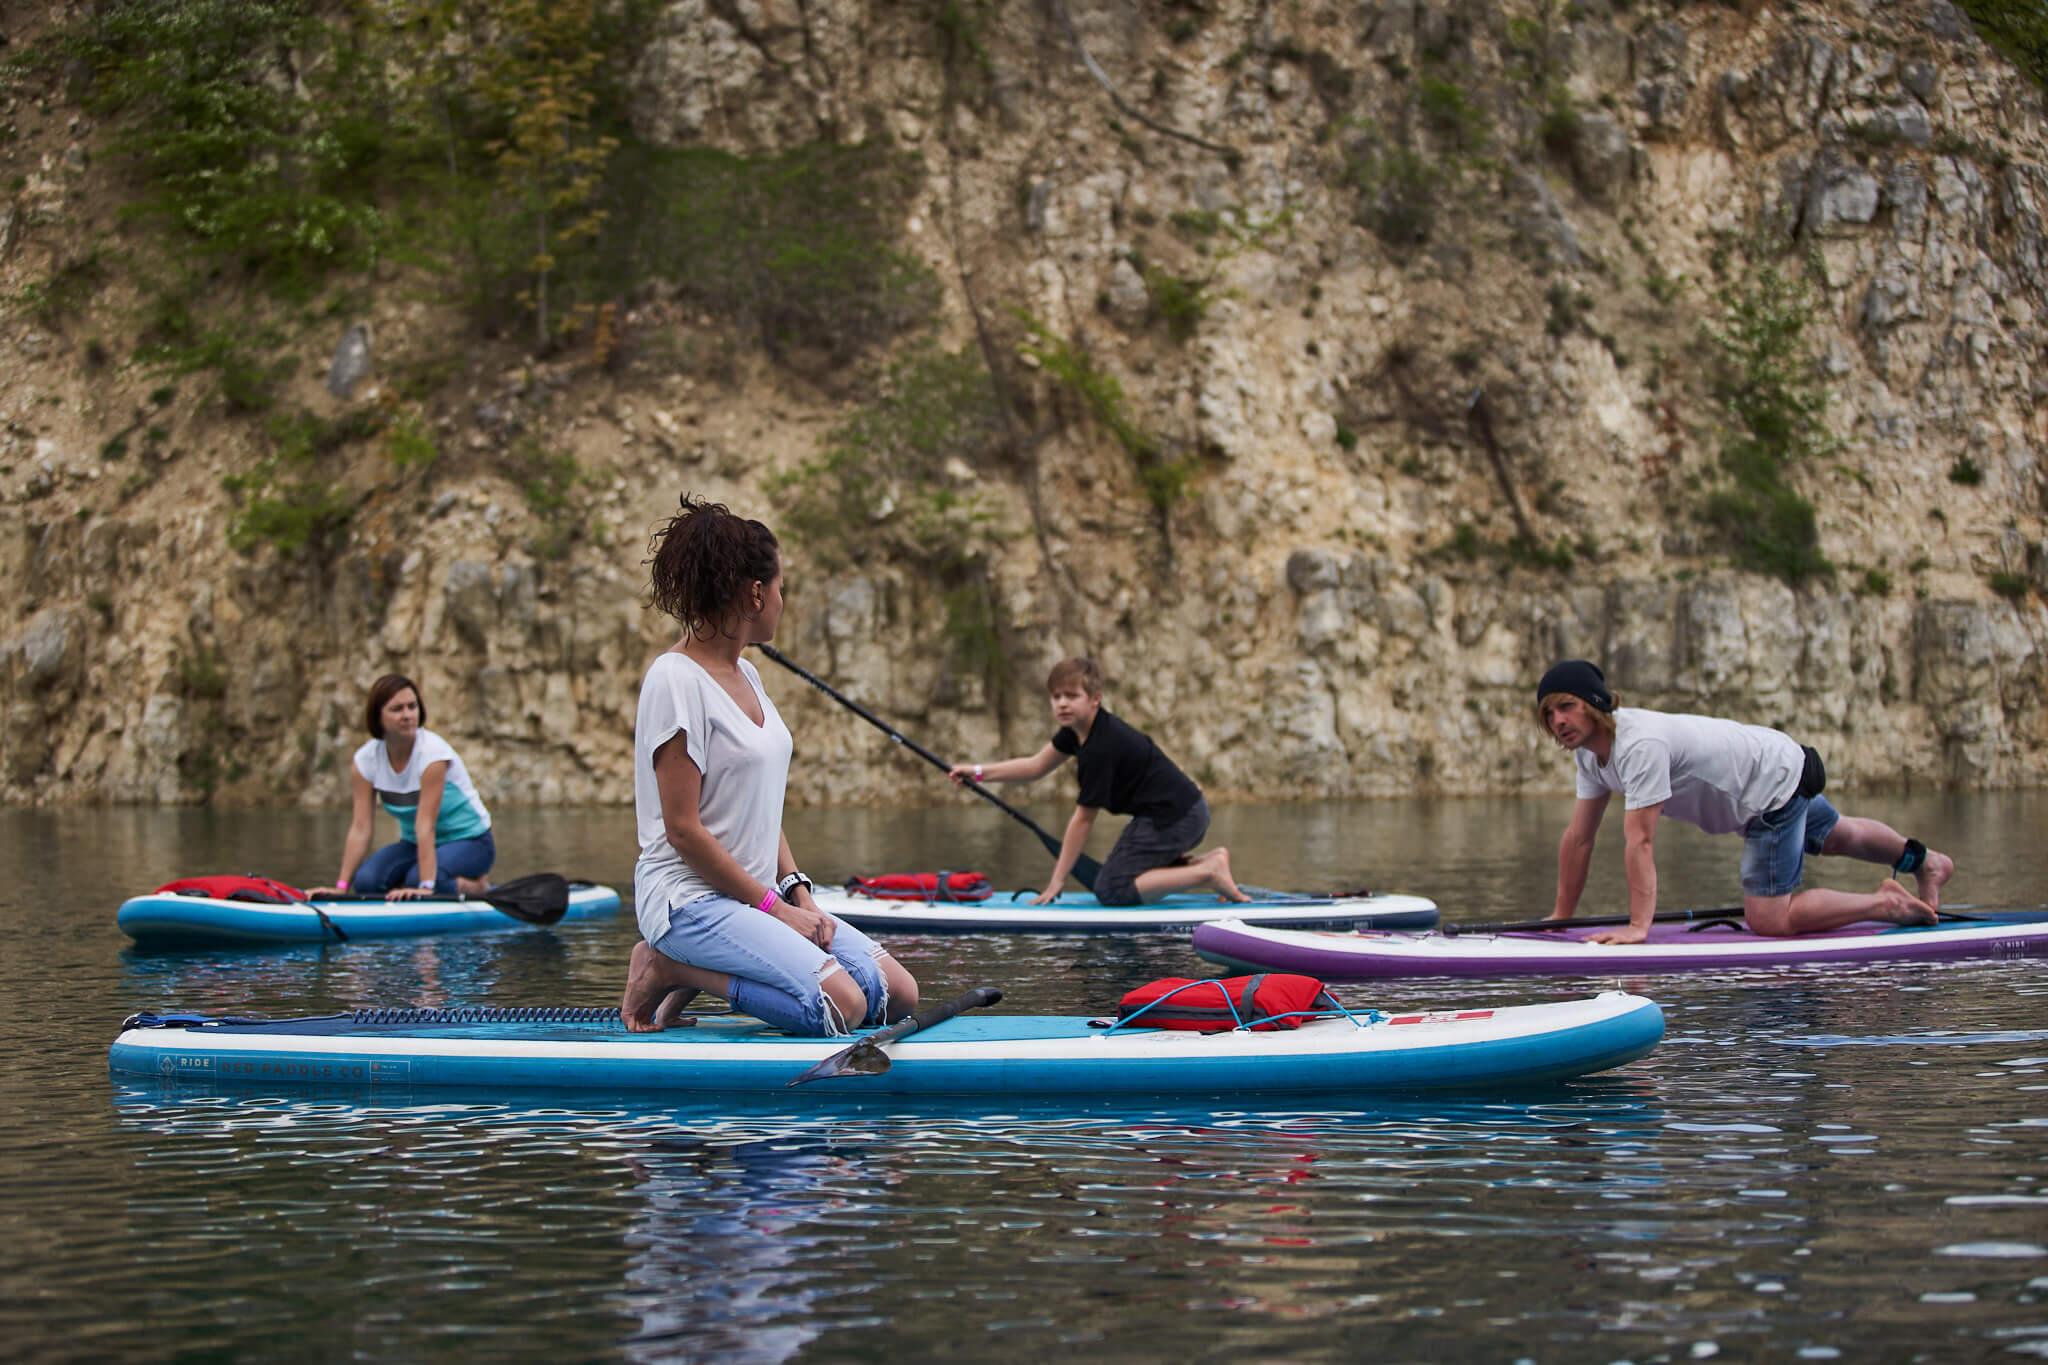 szkolenia traning sup paddleboard supkultura cracow poczatkujacy zaczynam przygode